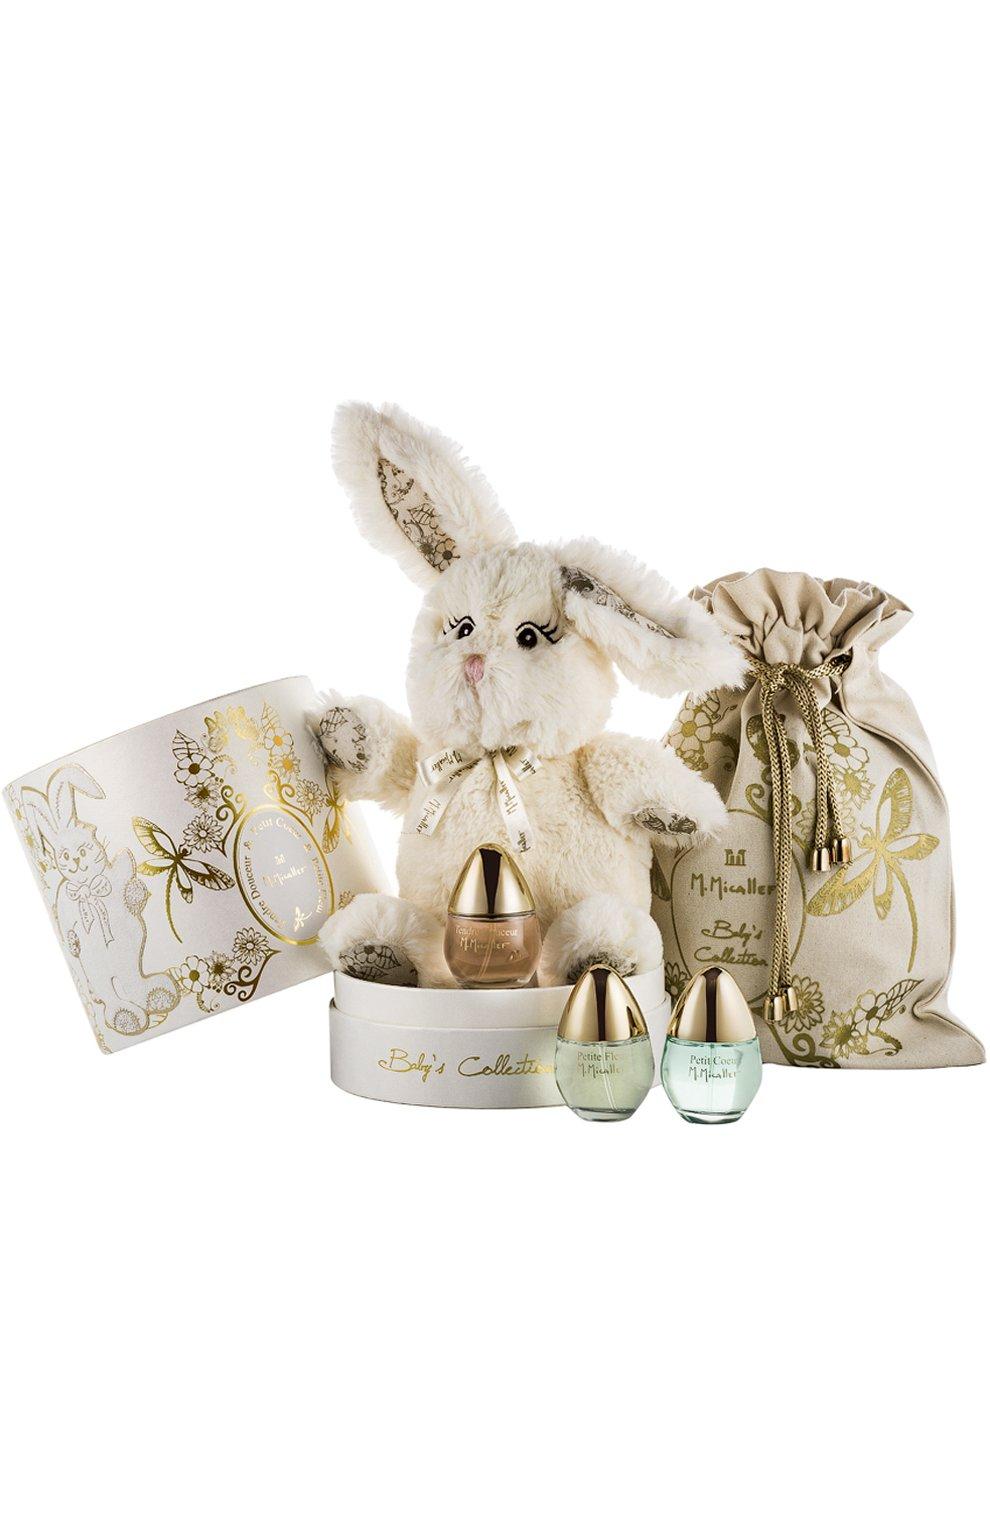 Детского набор baby collection: petite coeur + petite fleur + tendre douceur (3x30ml) M. MICALLEF бесцветного цвета, арт. 3760231051109 | Фото 1 (Статус проверки: Проверена категория)